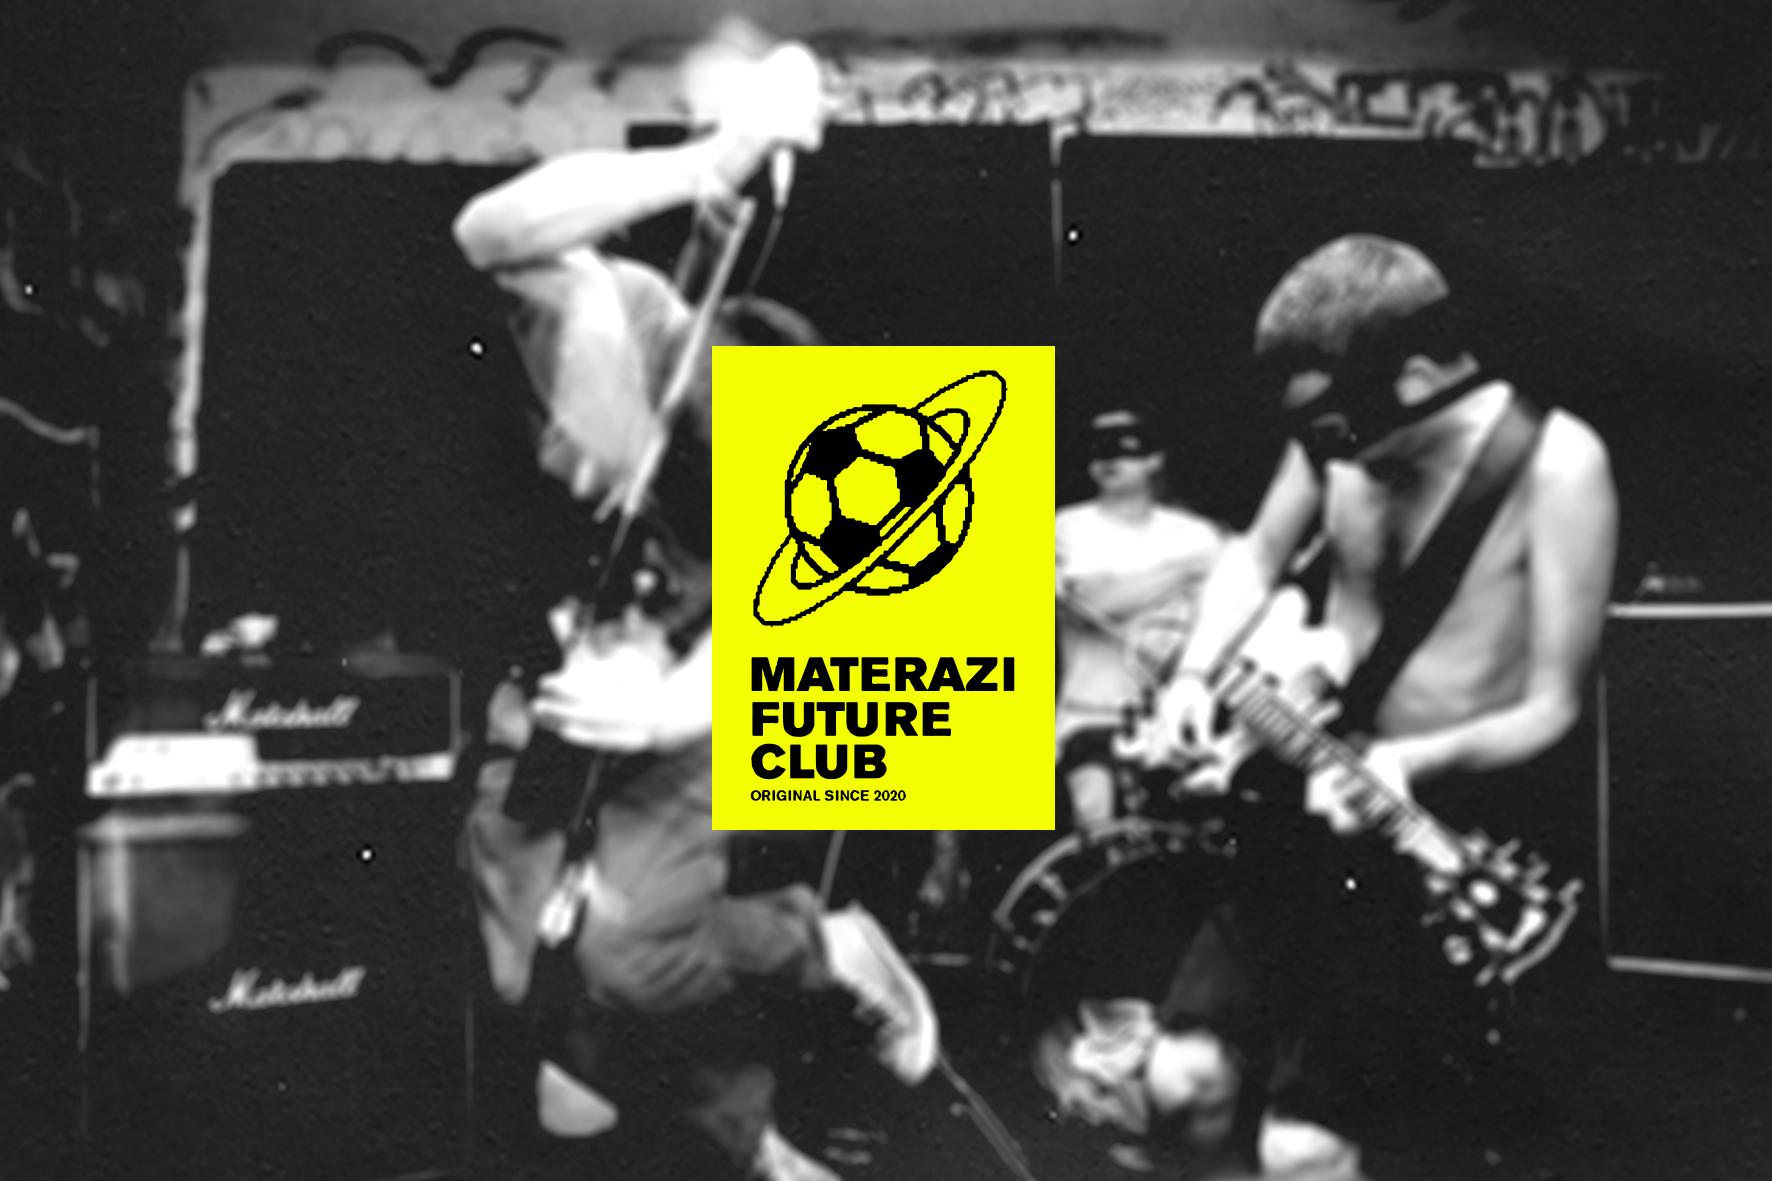 Materazi Future Club